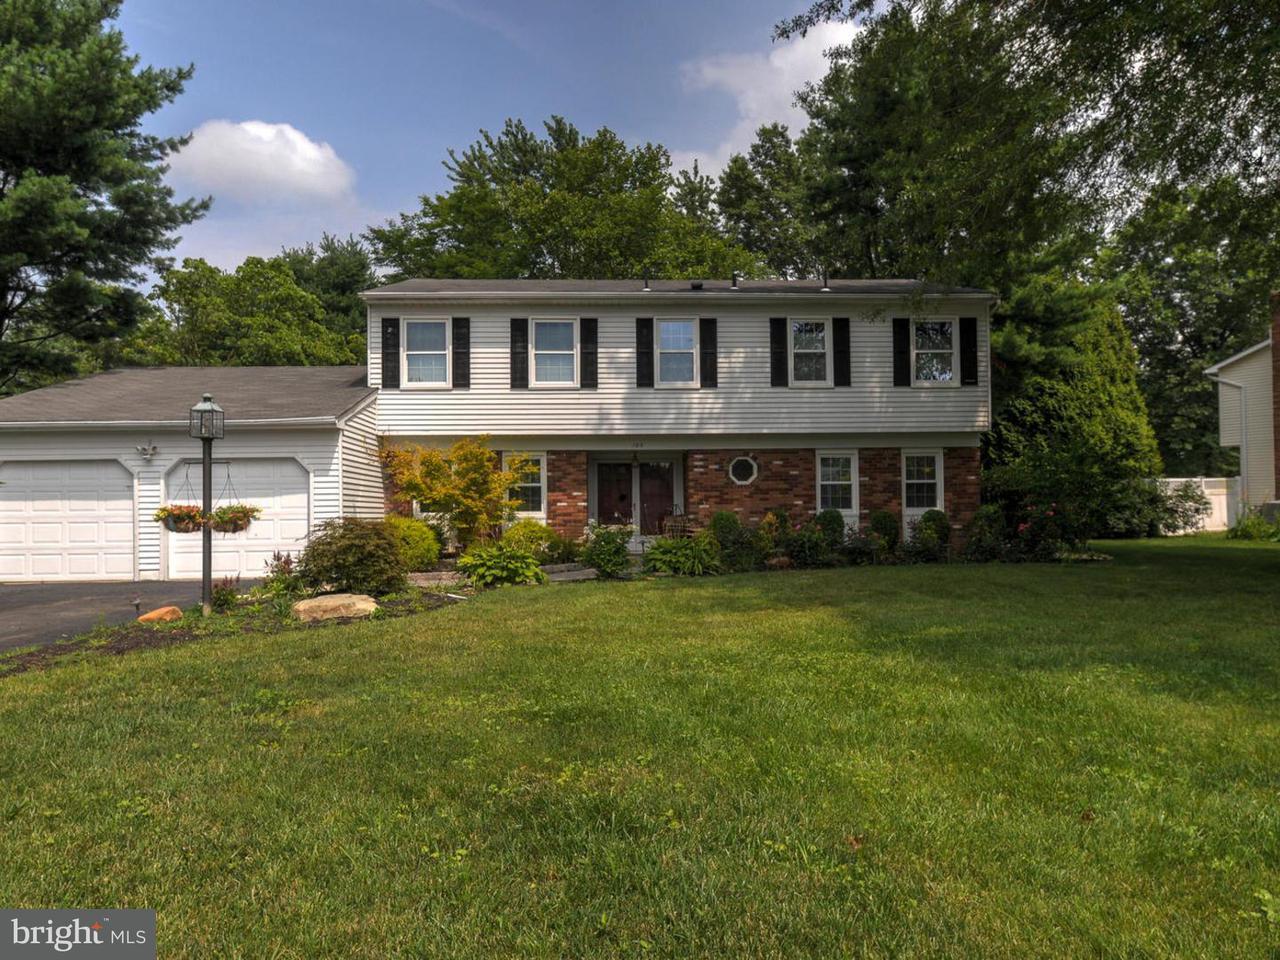 Maison unifamiliale pour l à louer à 125 PARKER RD S Plainsboro, New Jersey 08536 États-UnisDans/Autour: Plainsboro Township